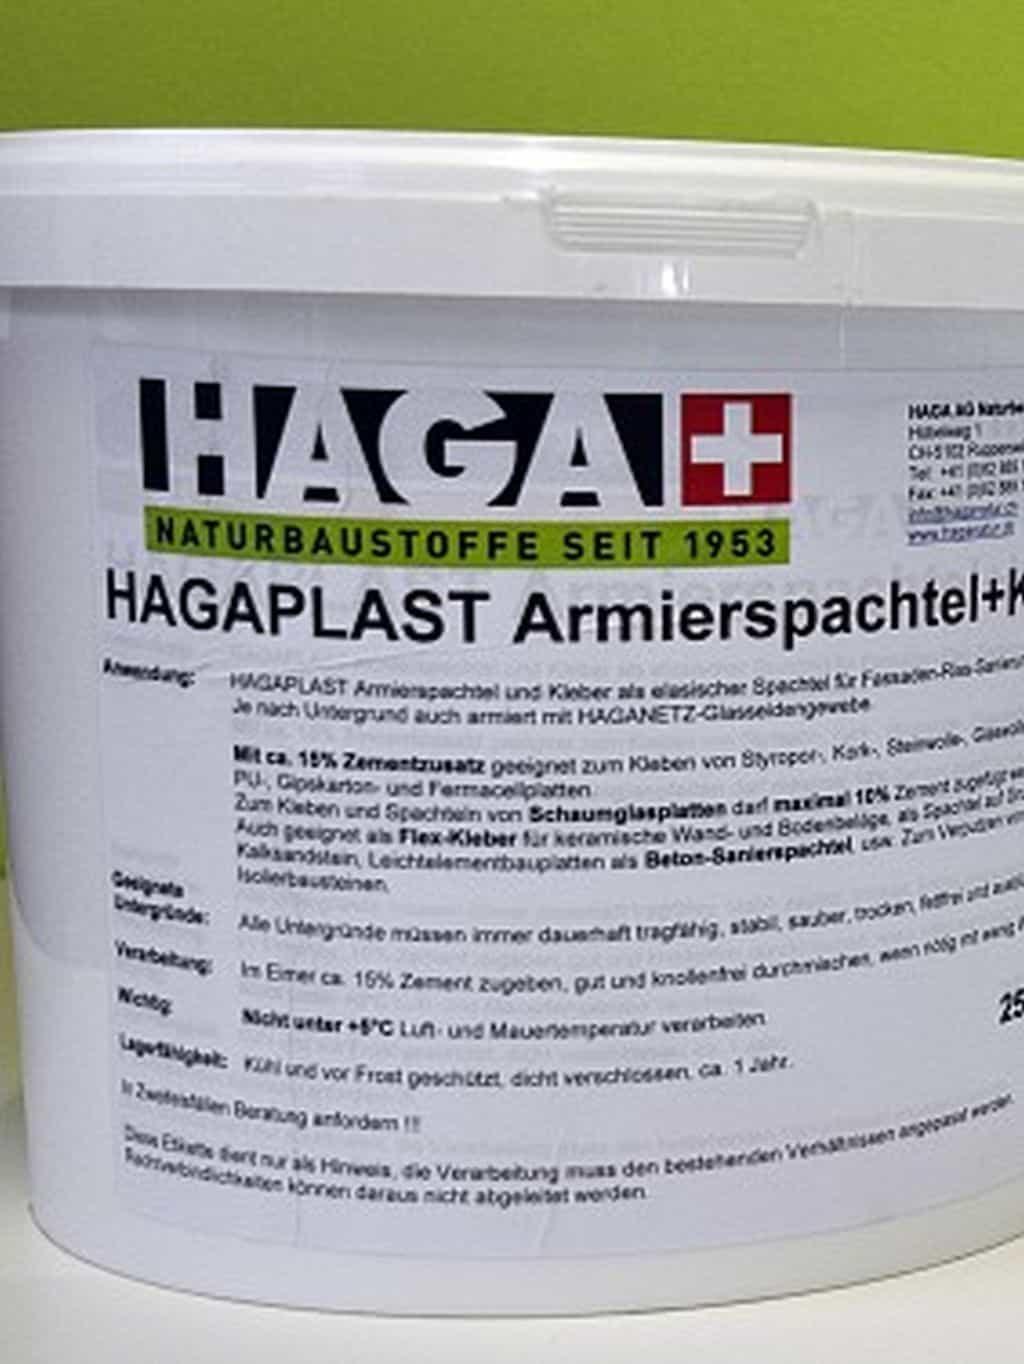 hagaplast_armierspachtel_u_kleber_web